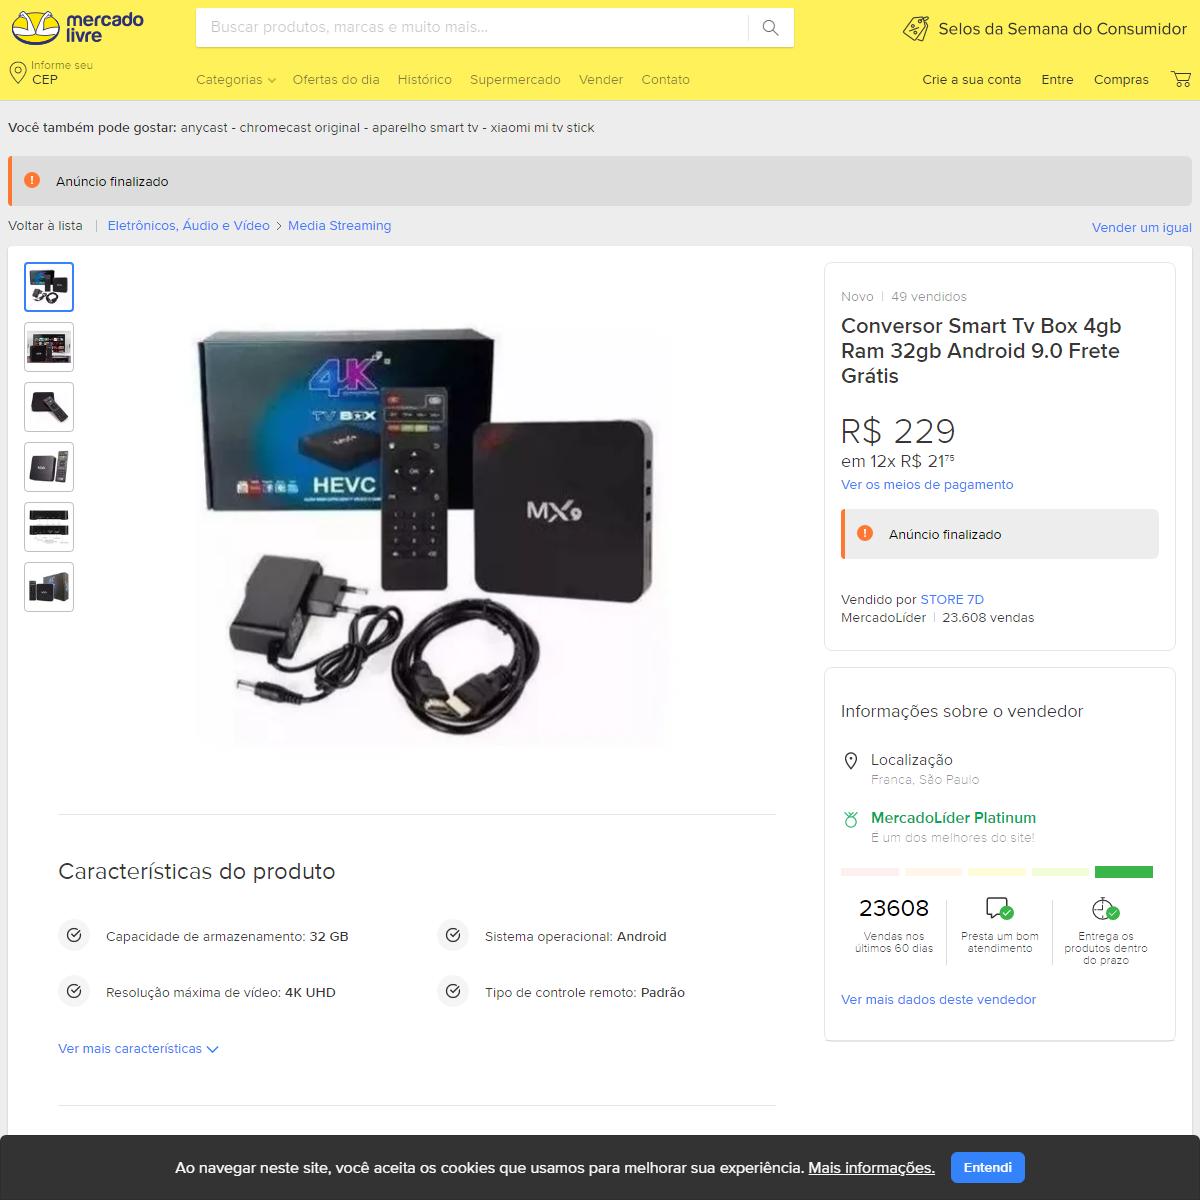 Conversor Smart Tv Box 4gb Ram 32gb Android 9.0 Frete Grátis - Mercado Livre